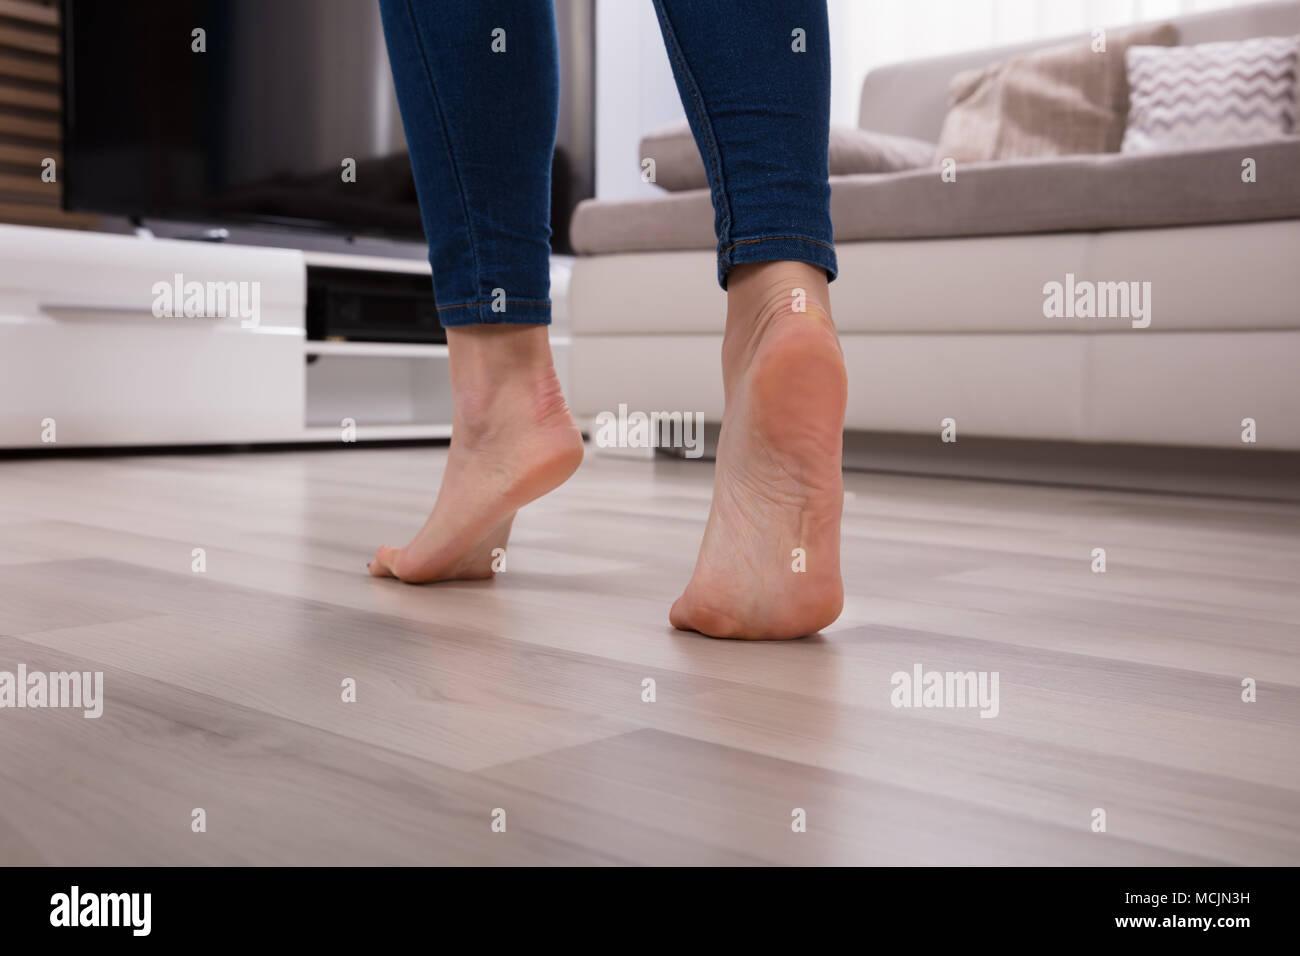 Pavimento riscaldato immagini pavimento riscaldato fotos stock